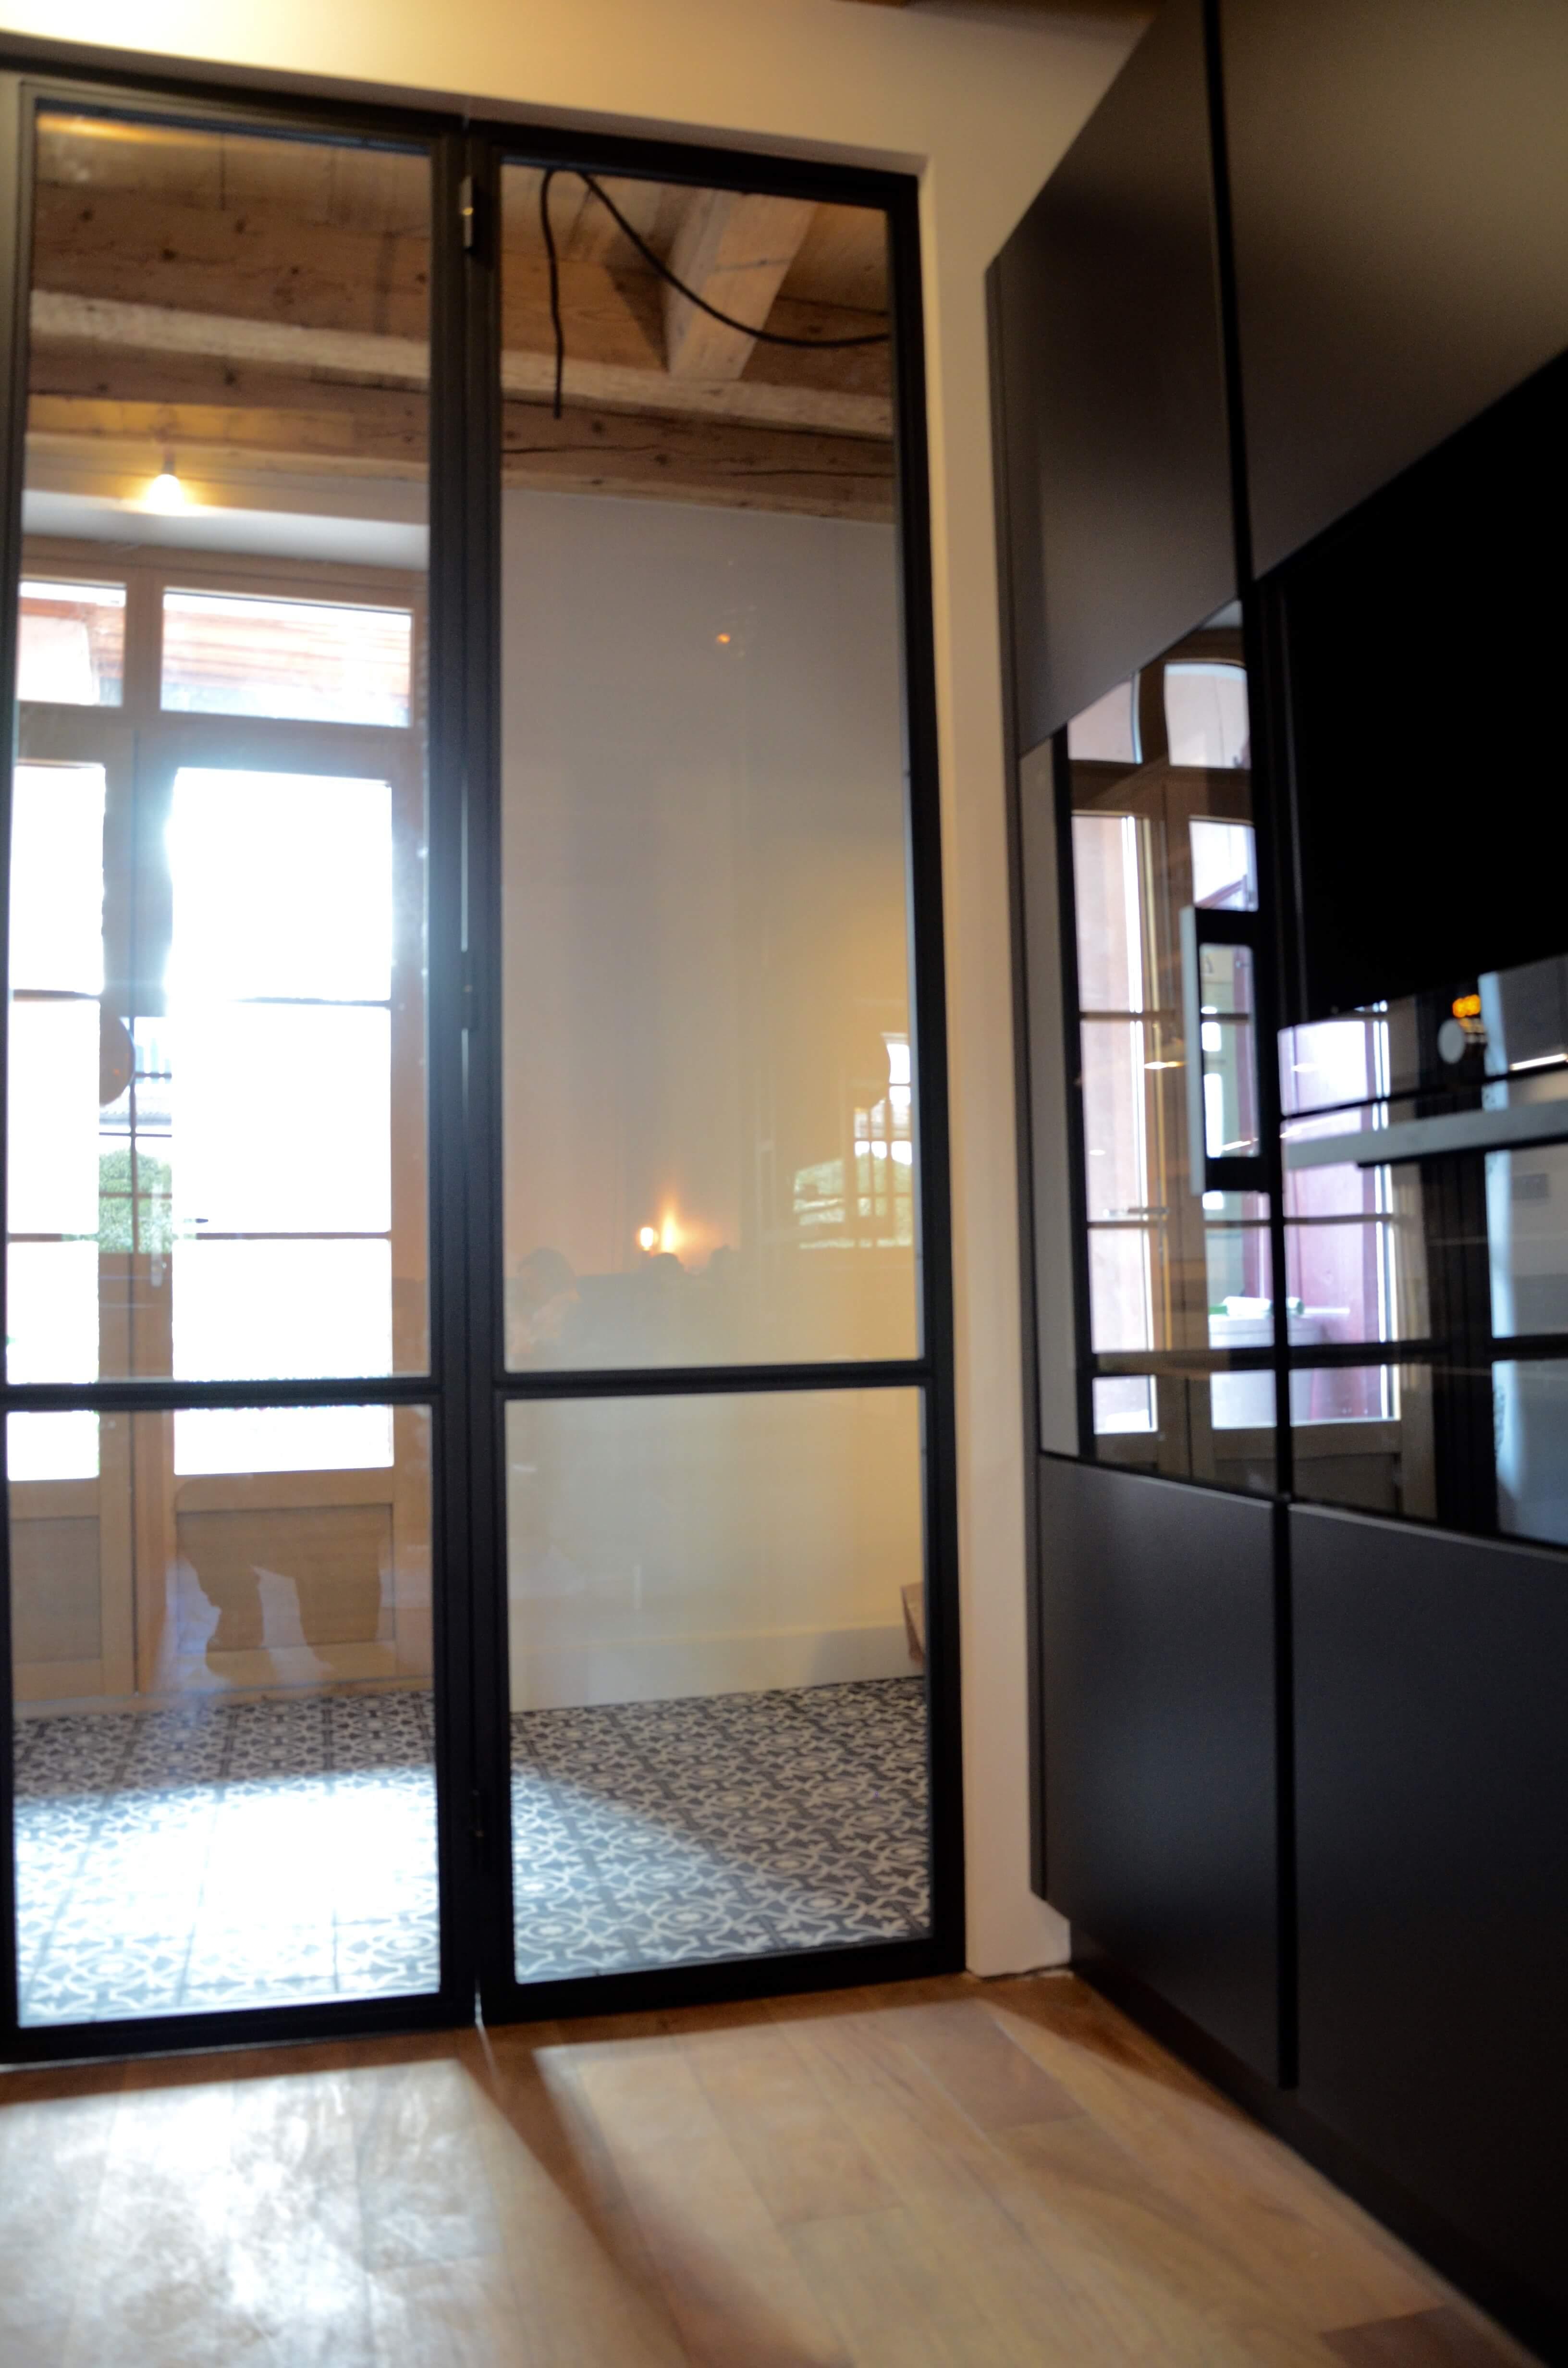 Robi design Métallique Annecy Verrière D'entrée Menthon-St-Bernard 7431